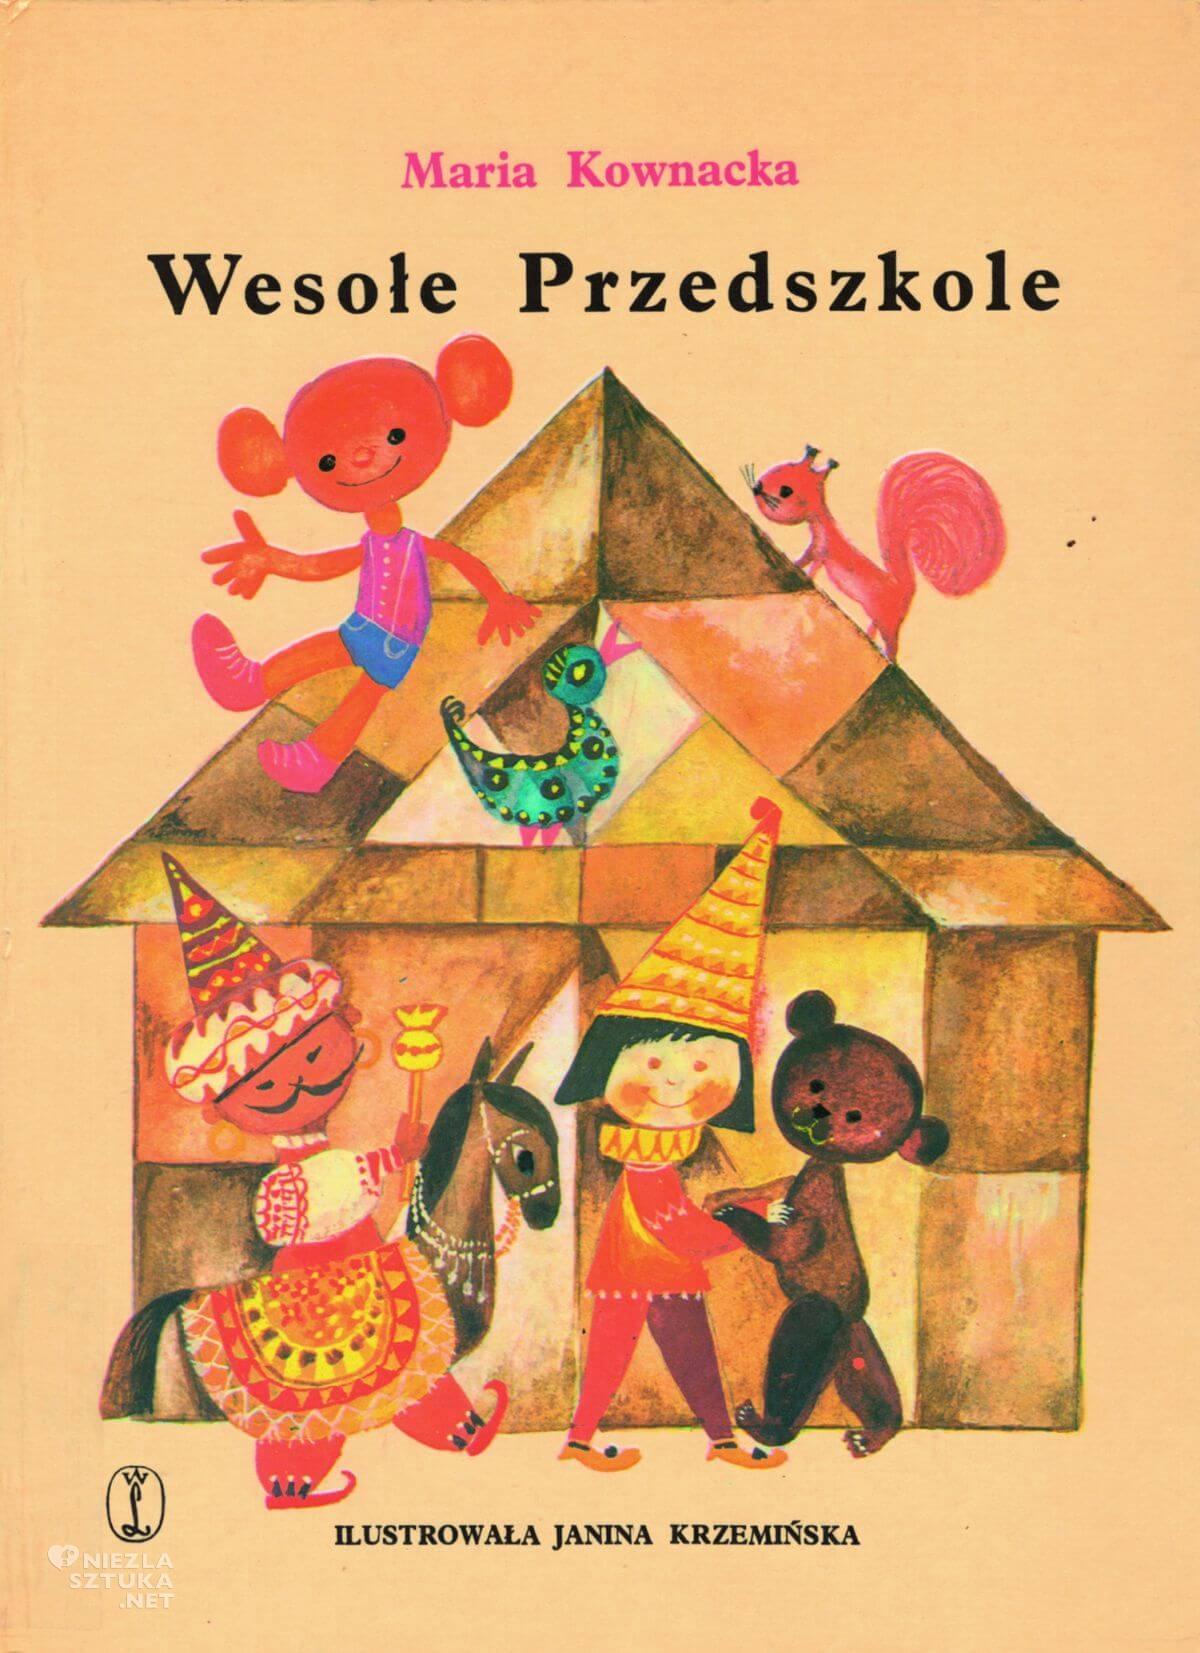 Janina Krzemińska, Maria Kownacka, plastuś, ilustracja polska, Niezła sztuka